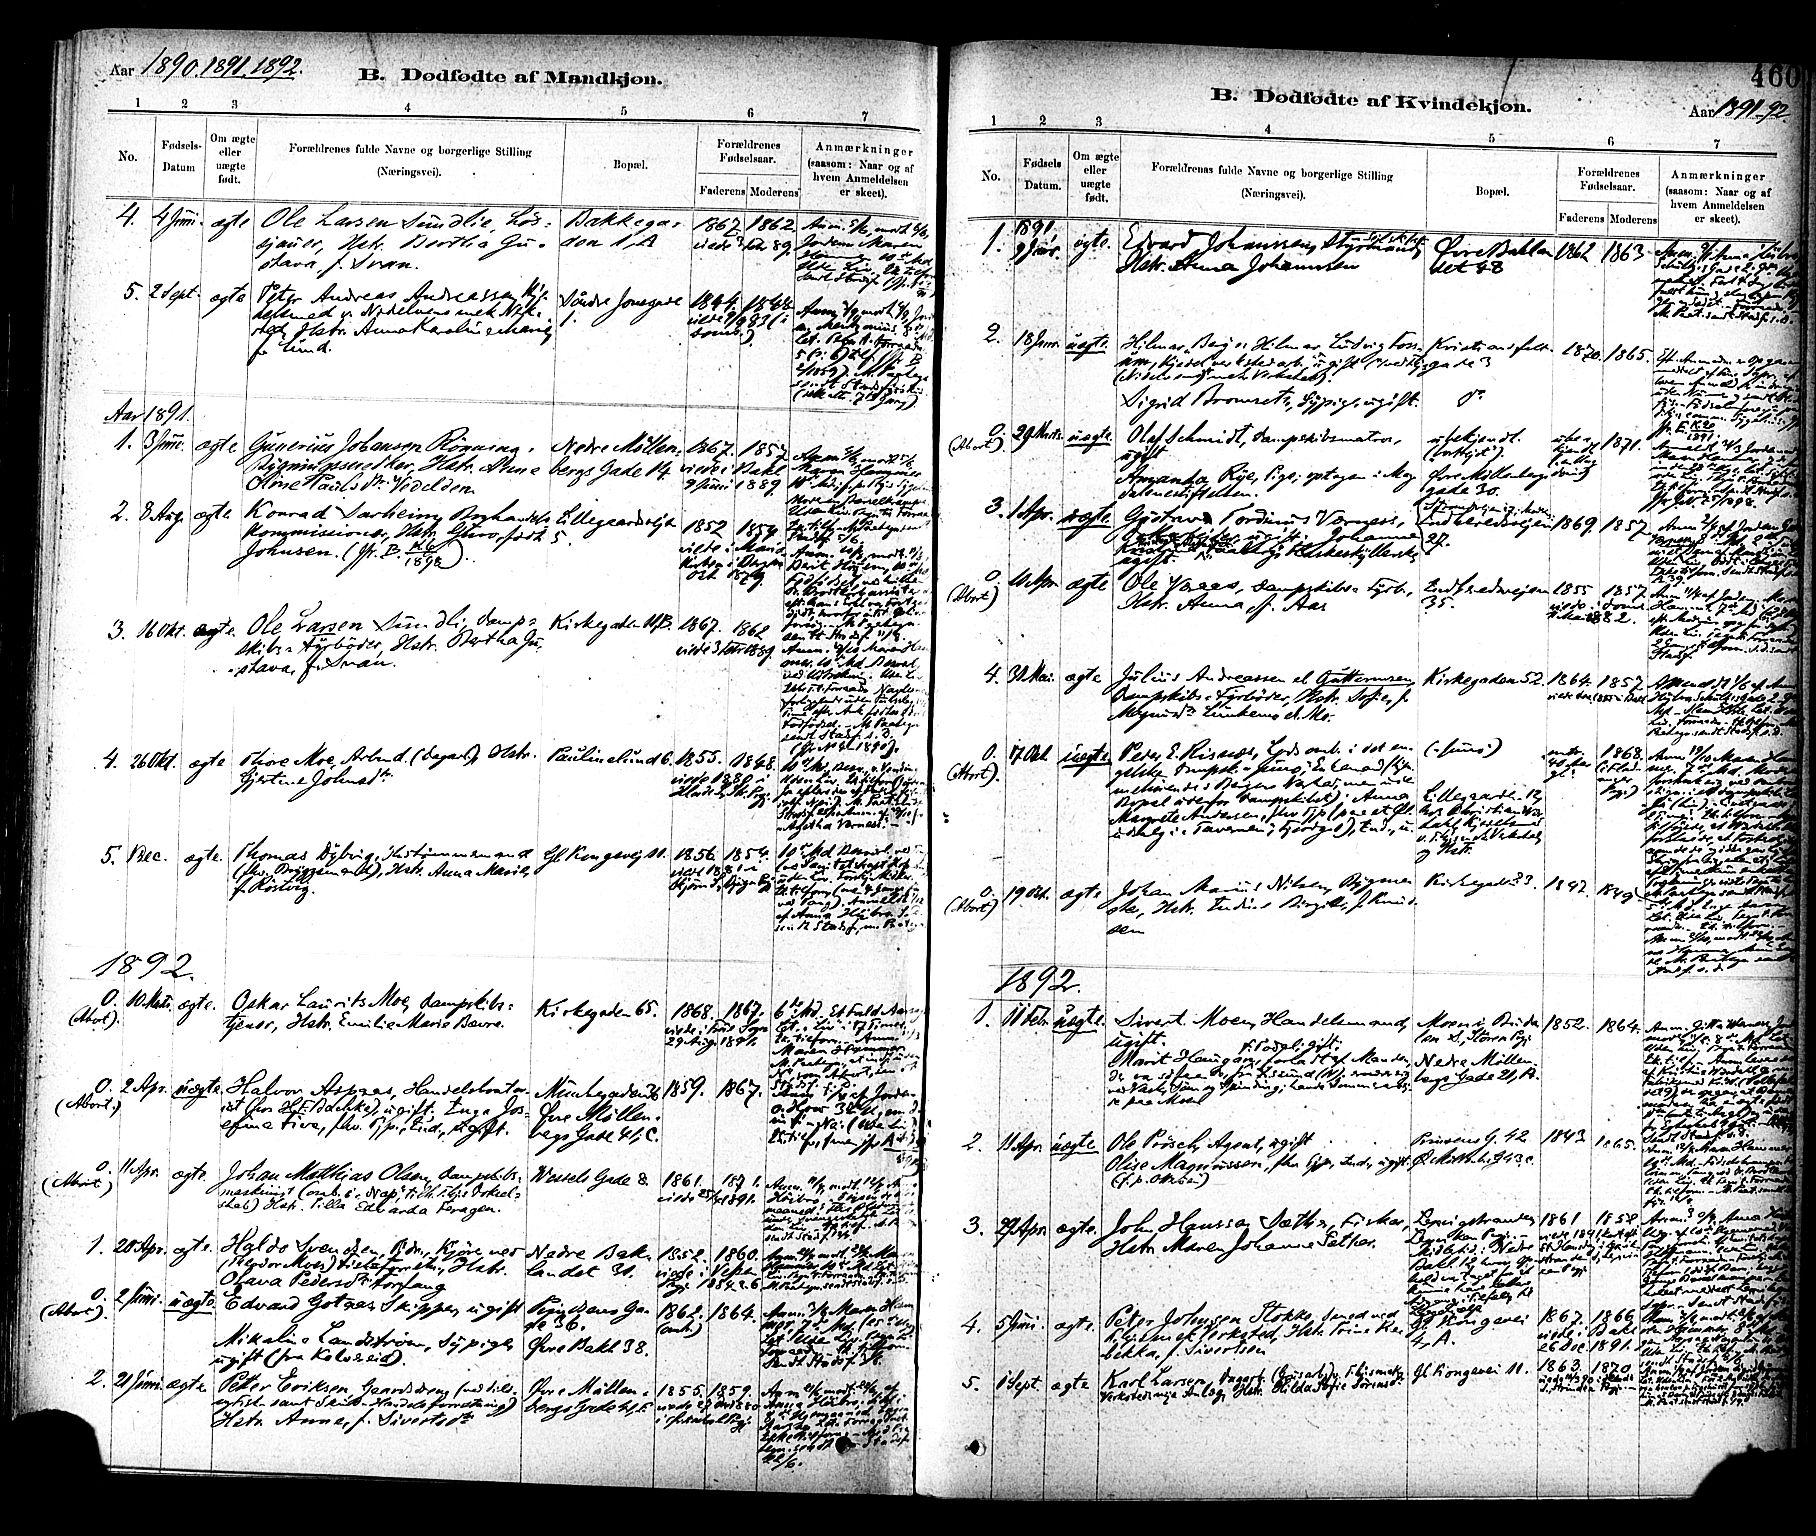 SAT, Ministerialprotokoller, klokkerbøker og fødselsregistre - Sør-Trøndelag, 604/L0188: Ministerialbok nr. 604A09, 1878-1892, s. 460